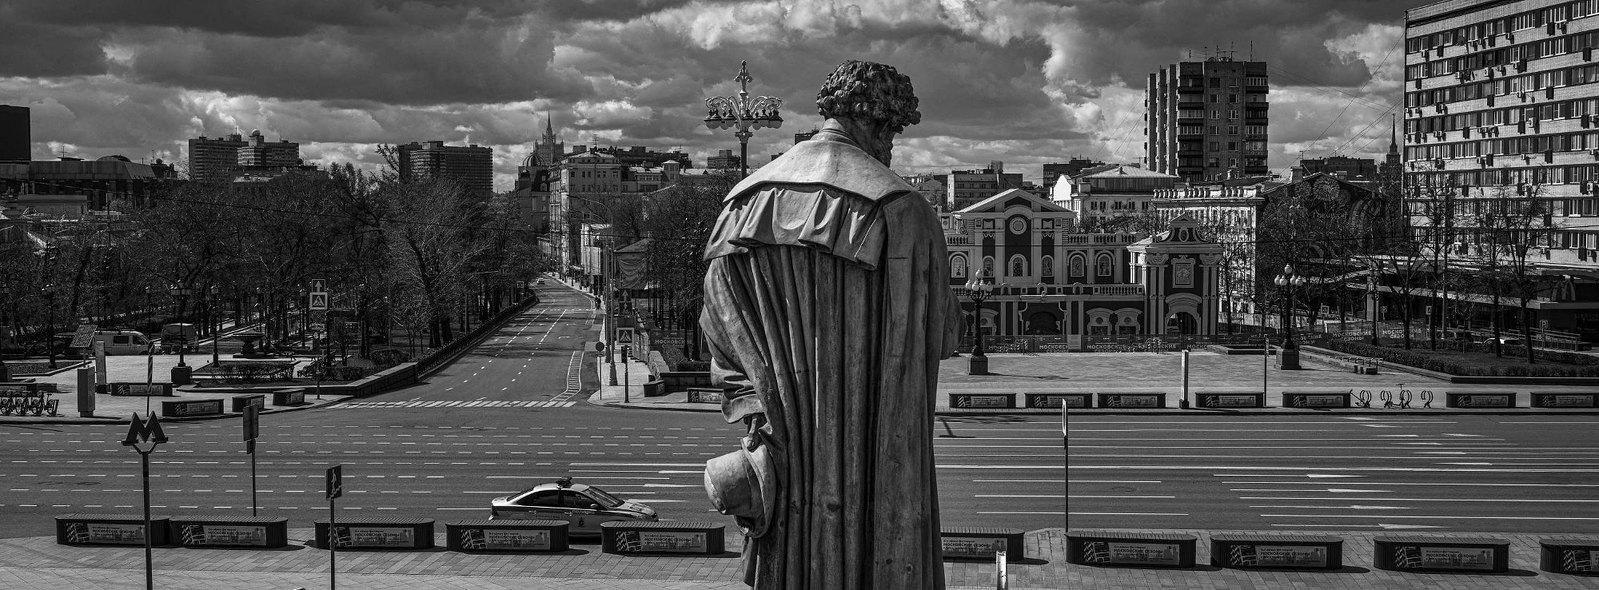 Памятник Александру Пушкину, Пушкинская площадь, Тверской бульвар